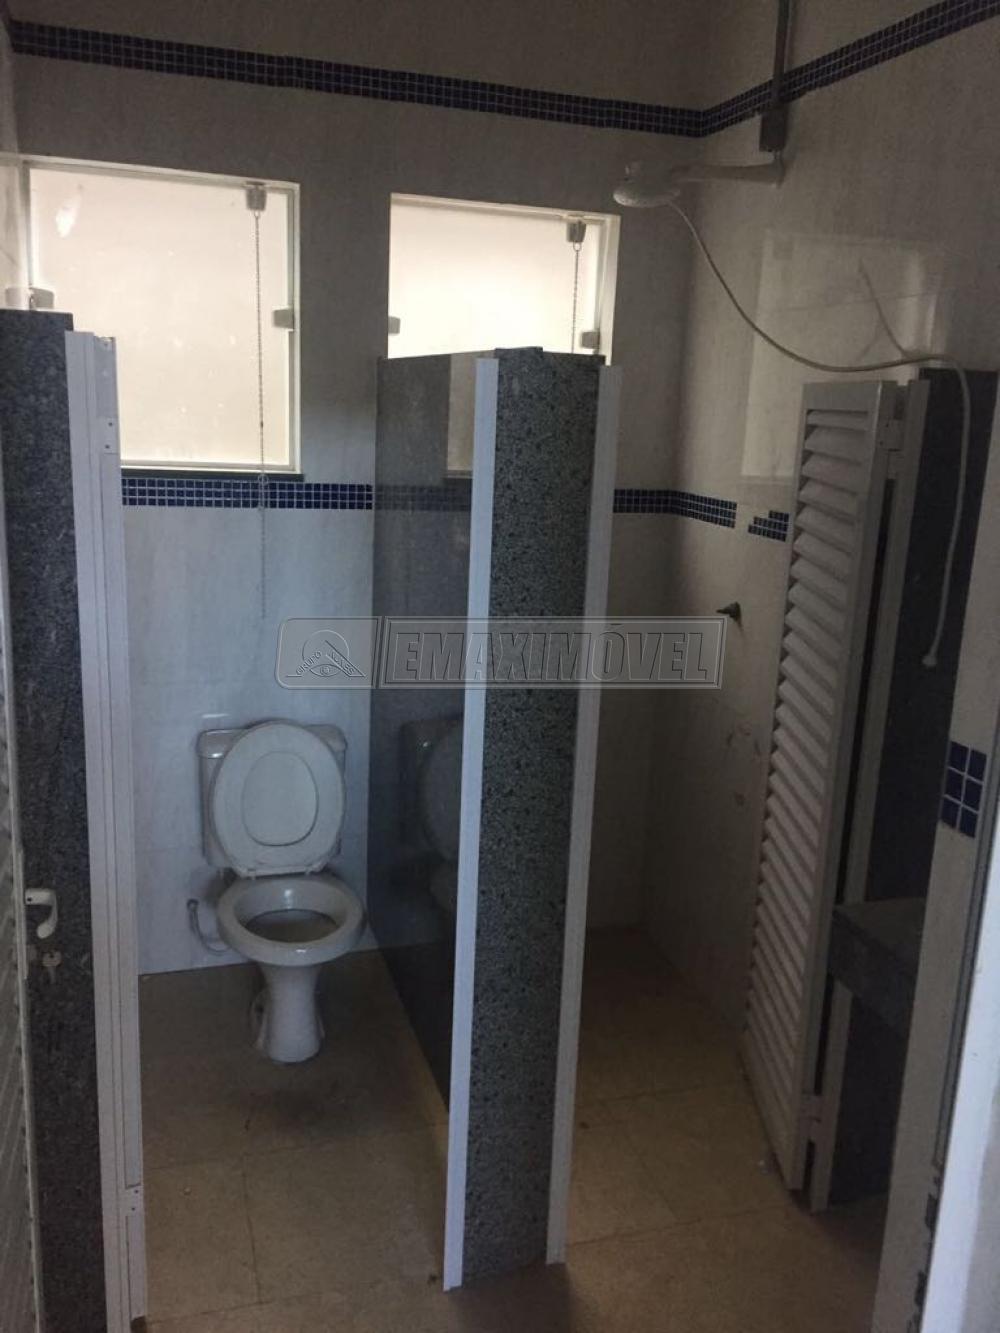 Alugar Comercial / Galpões em Condomínio em Sorocaba apenas R$ 7.500,00 - Foto 8